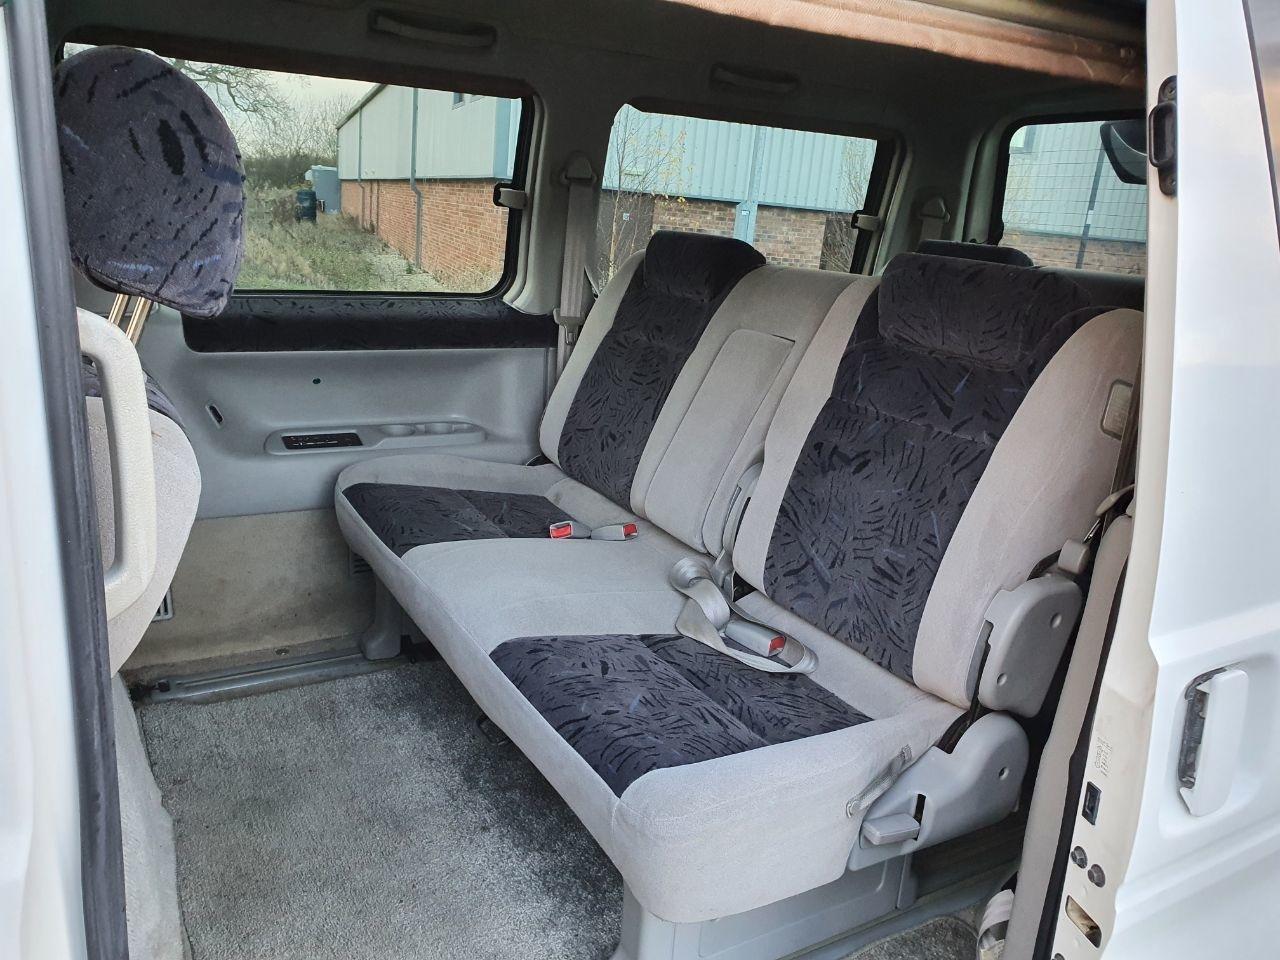 2003 Mazda Bongo Aero - 8 Seats MPV - Day Van - Camper For Sale (picture 10 of 12)